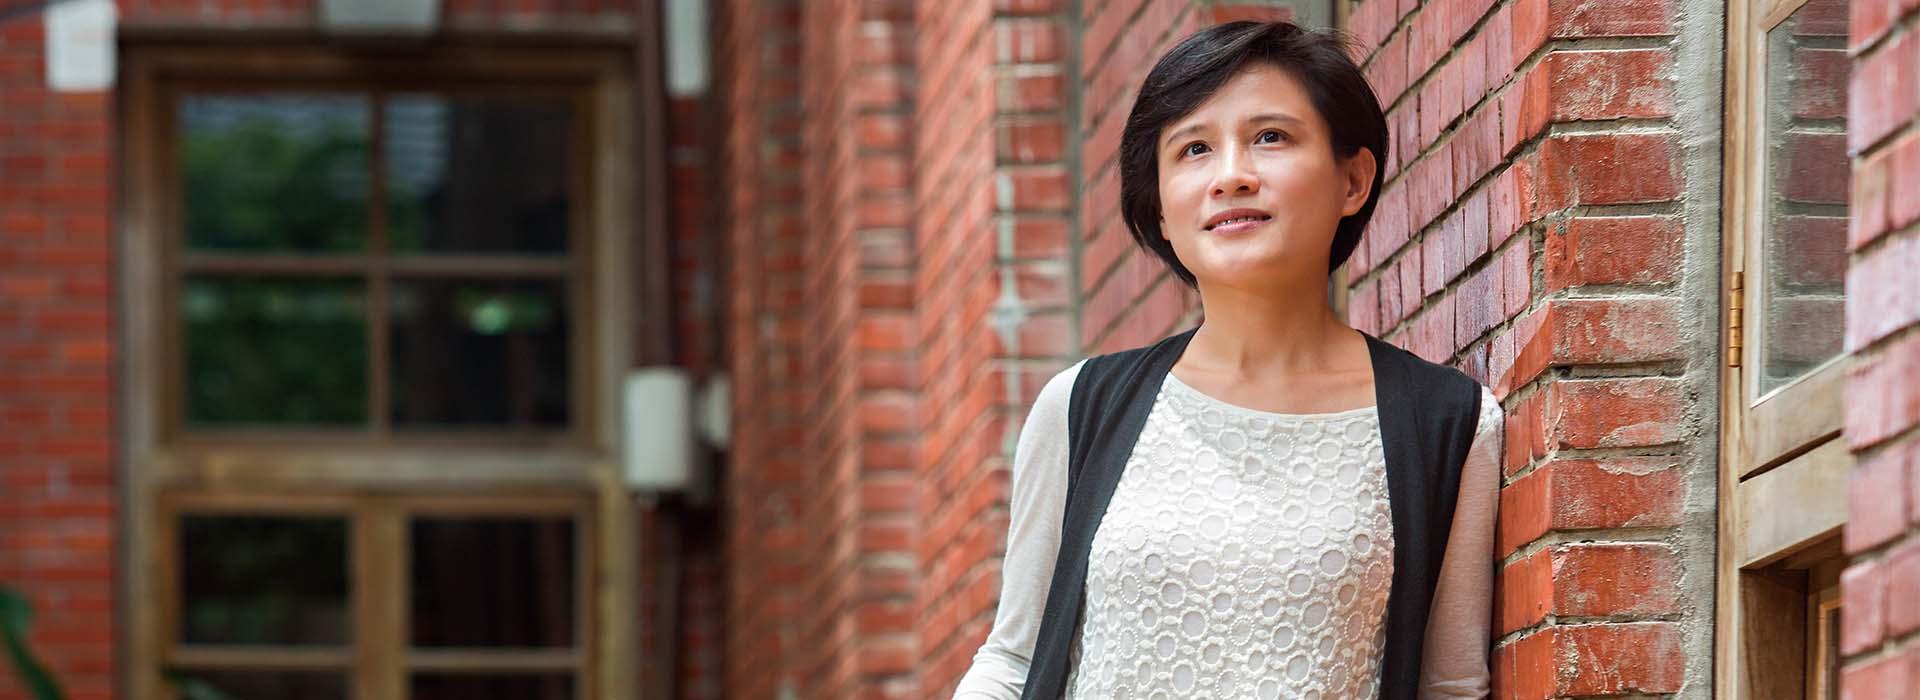 金馬獎政治風暴延燒 鄭麗君重申:這裡是台灣不是中國台灣